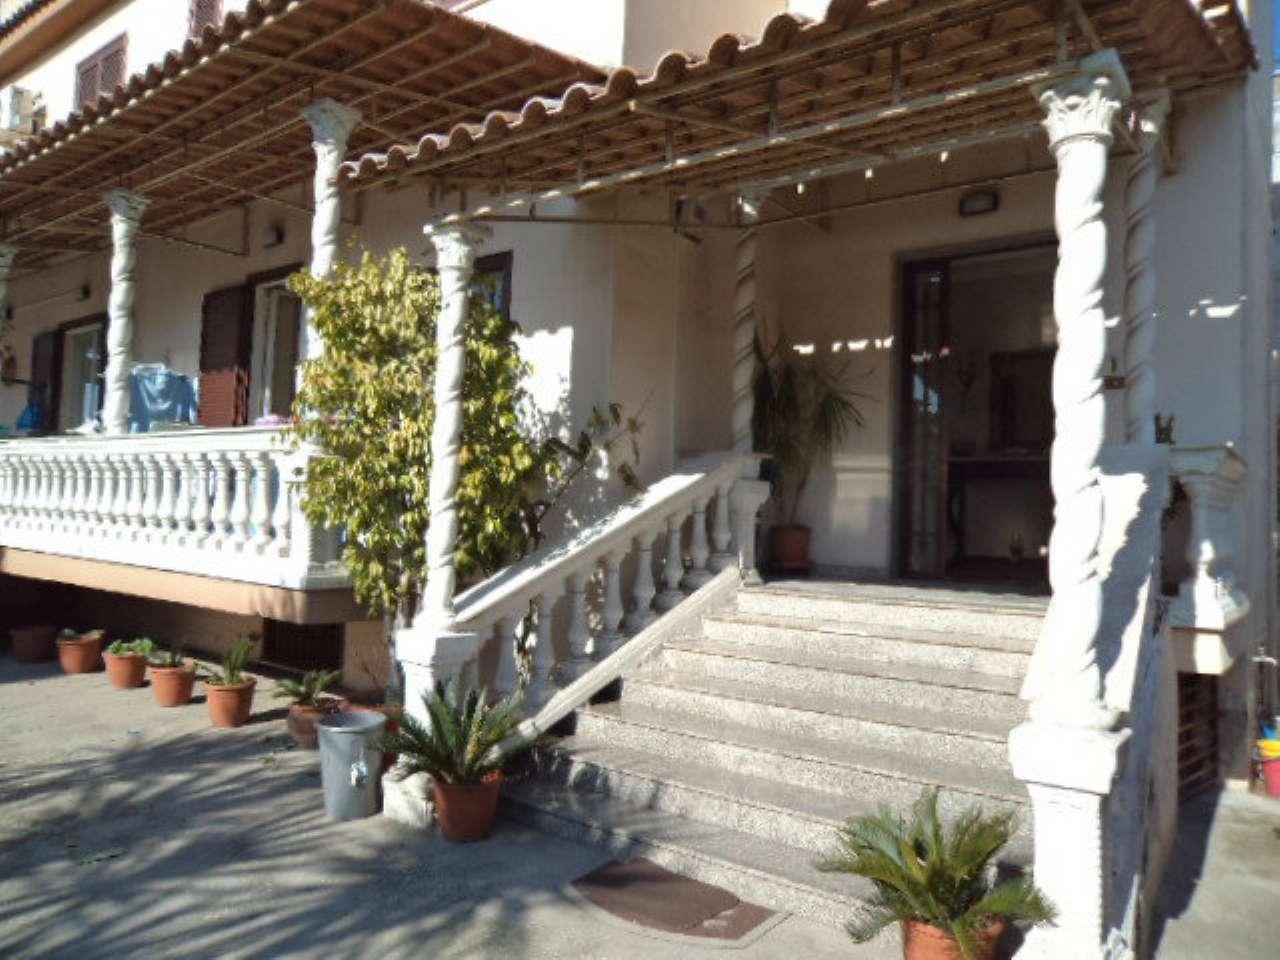 Villa in vendita a Giugliano in Campania, 10 locali, prezzo € 350.000 | CambioCasa.it